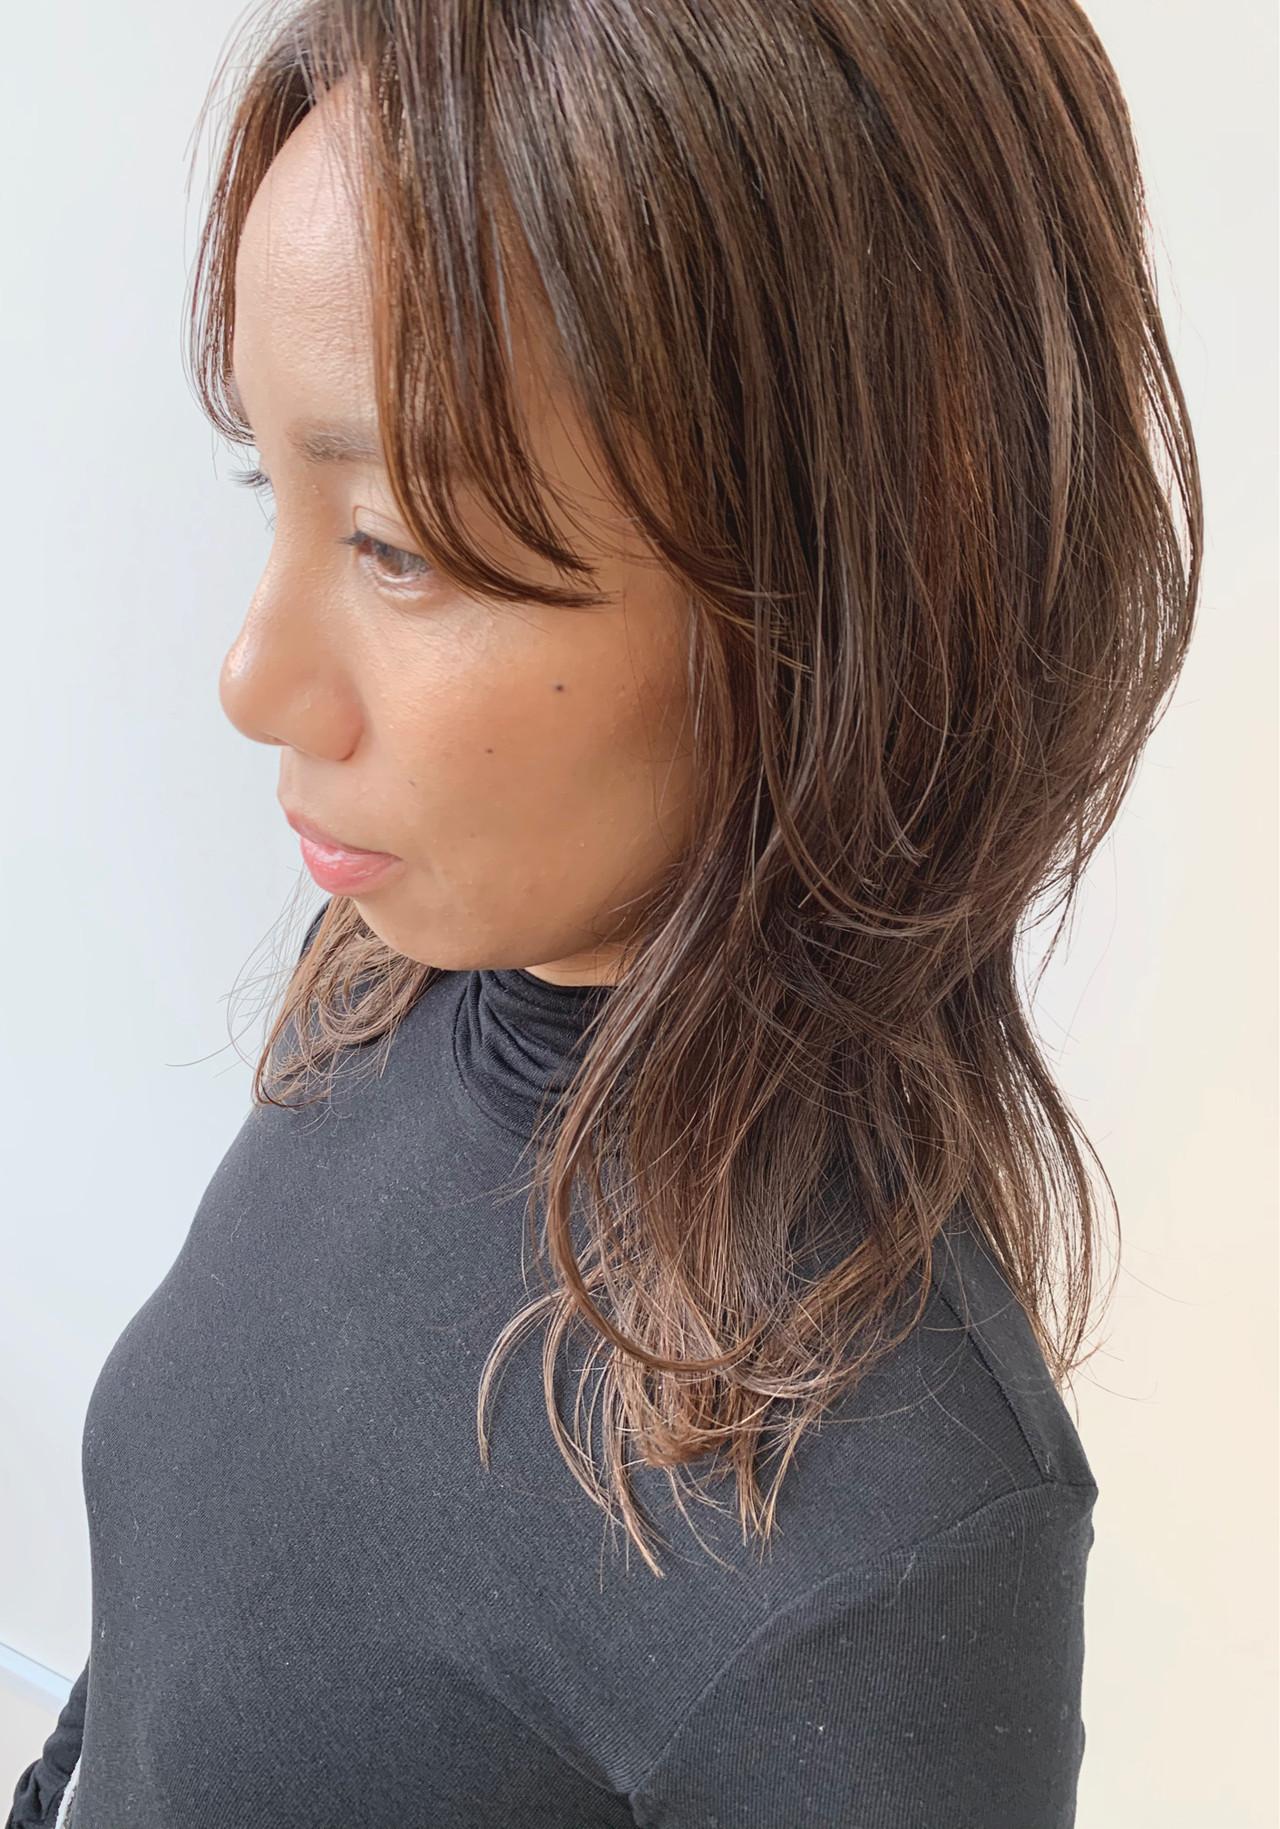 ナチュラル ロング インナーカラー ウルフカット ヘアスタイルや髪型の写真・画像